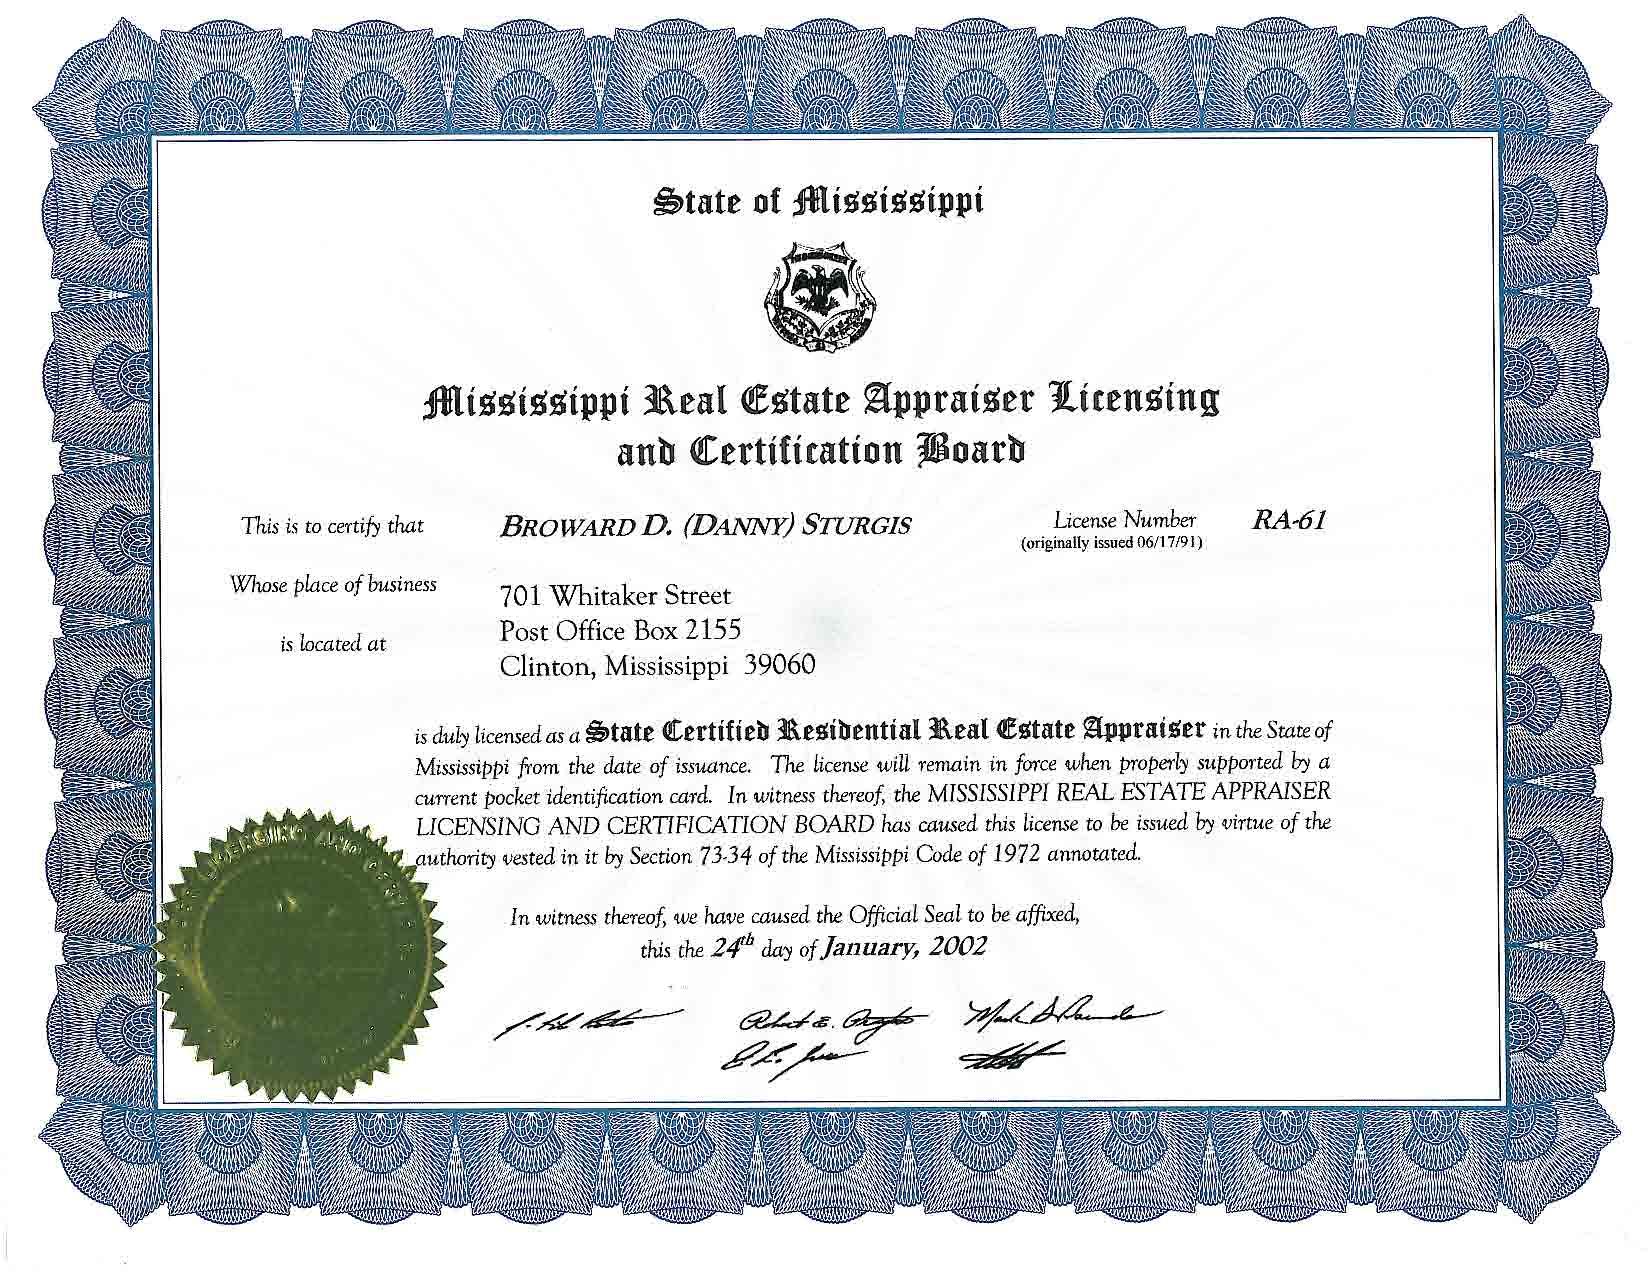 Insurance Company Examination Reports